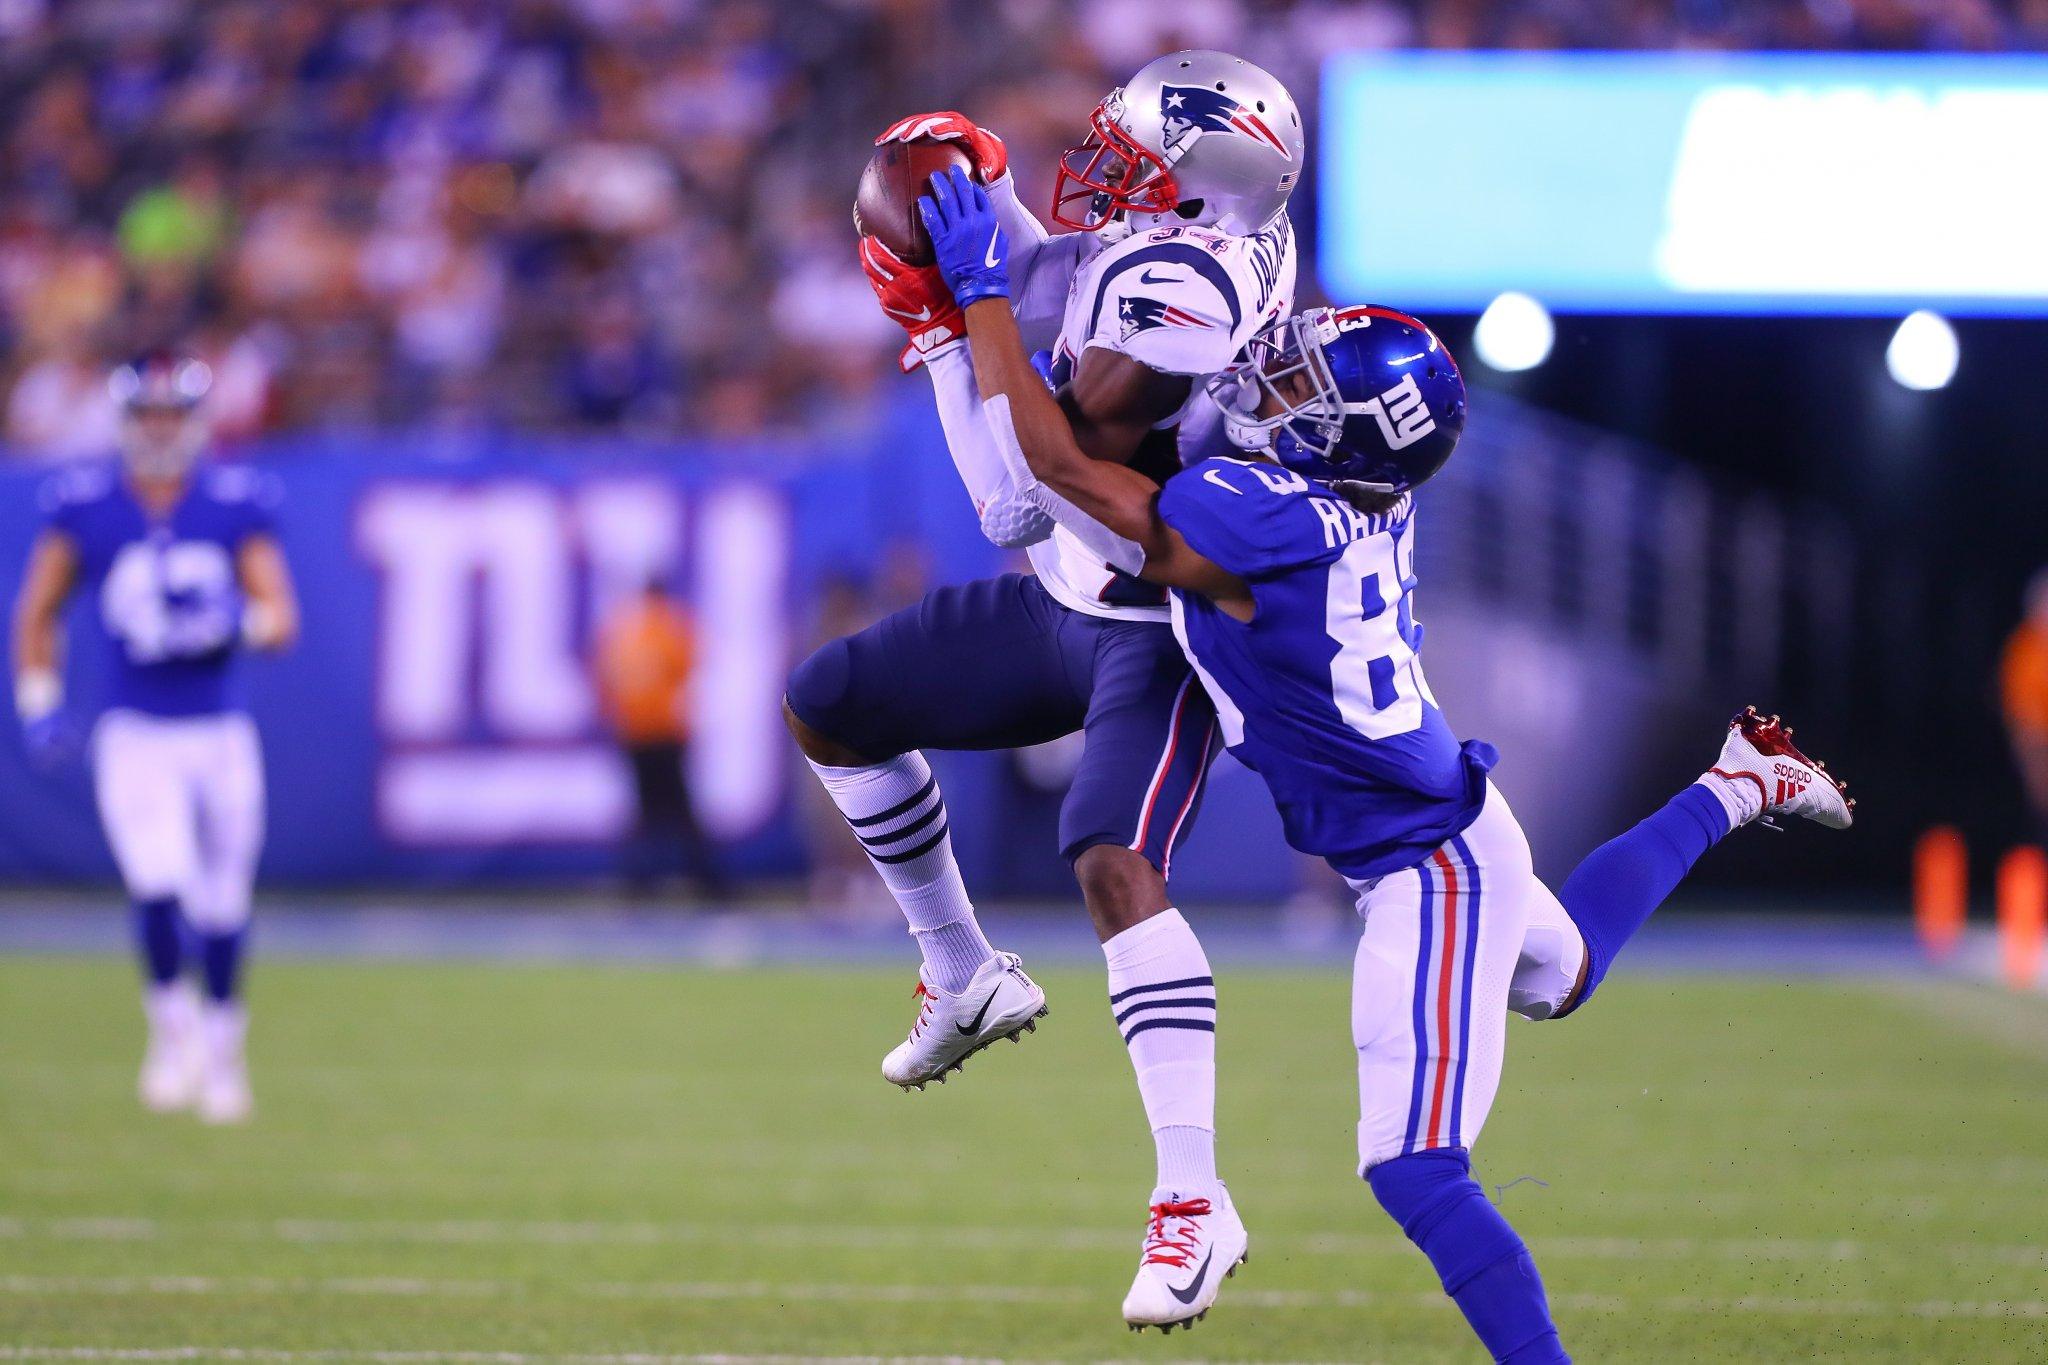 Motivos para assistir Patriots vs Giants, o último jogo da pré-temporada